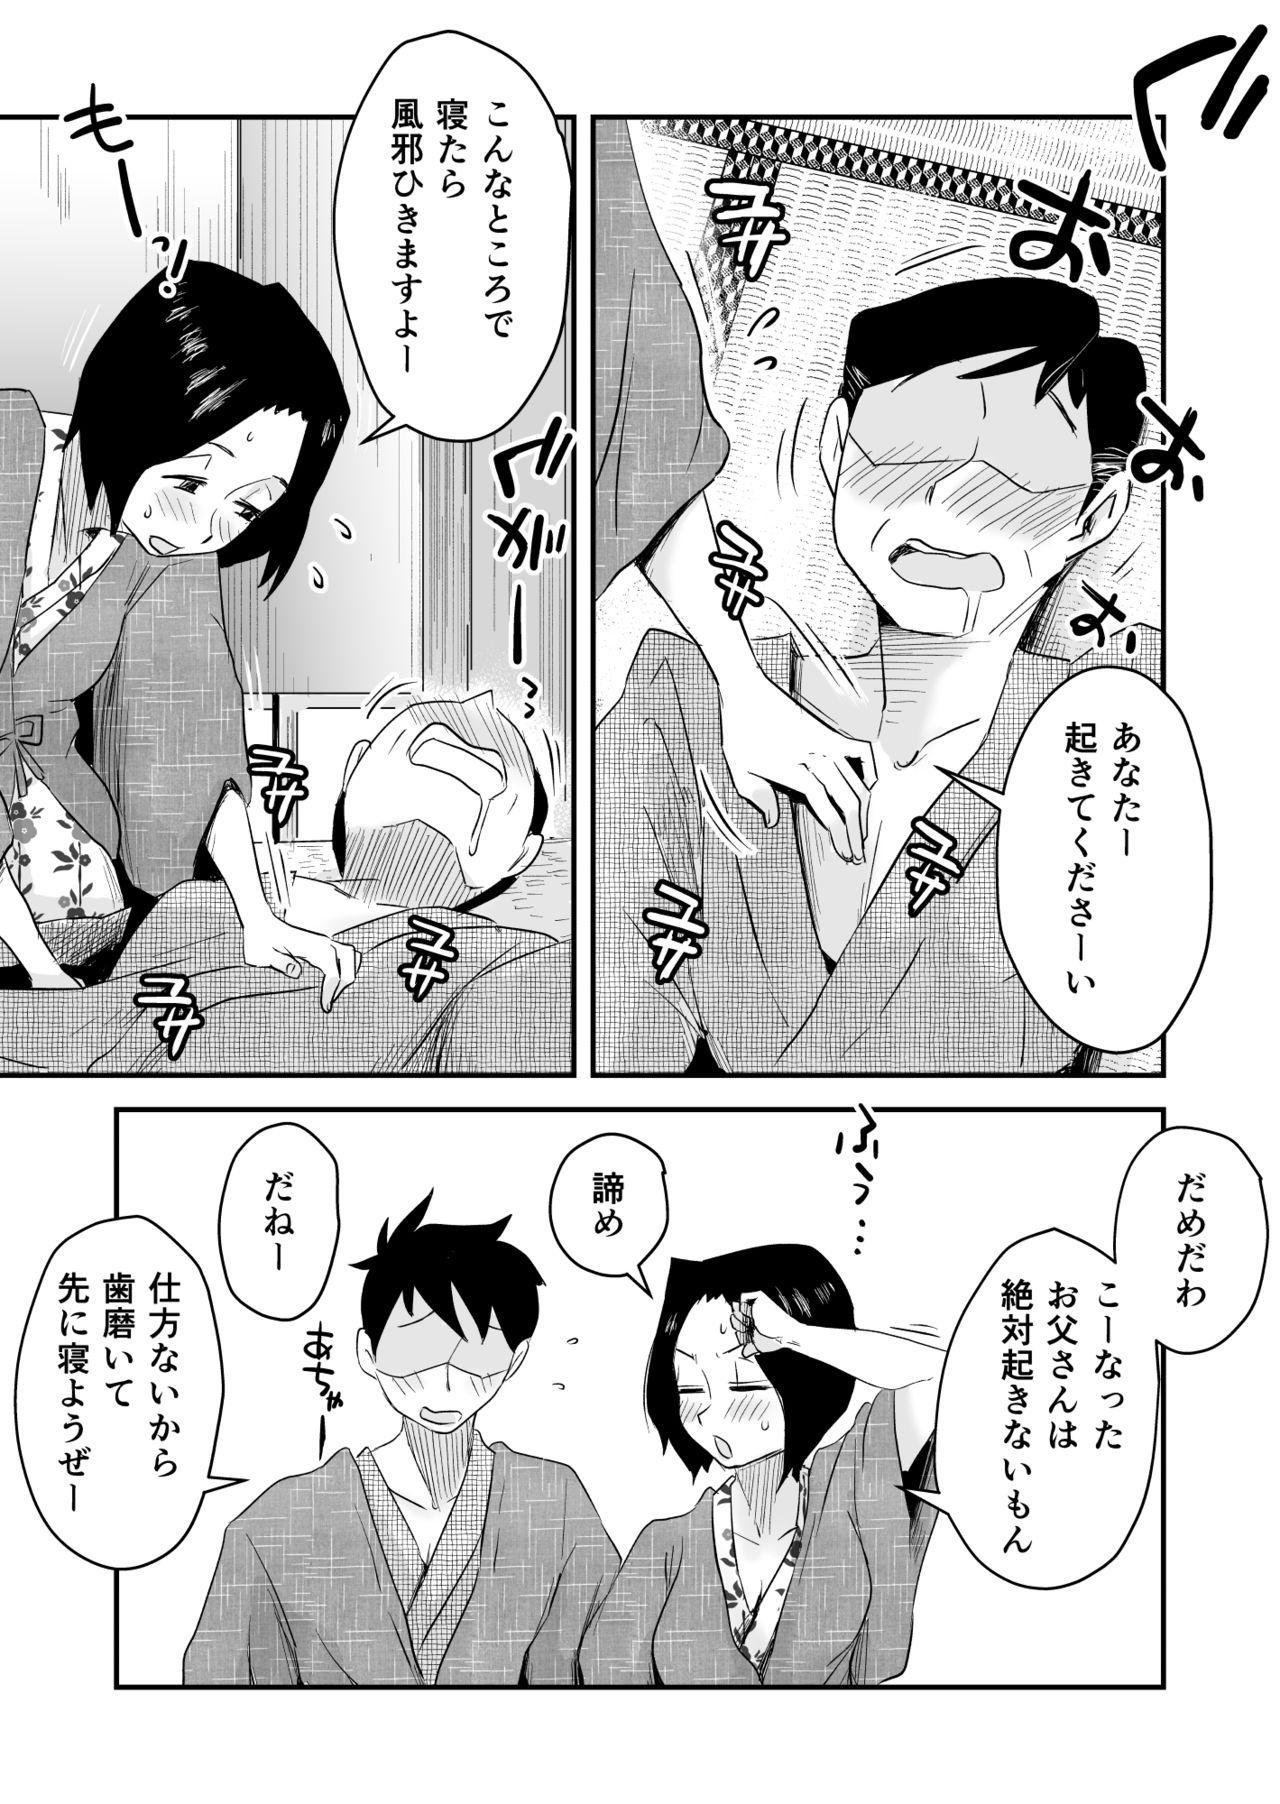 Ano! Okaa-san no Shousai 11